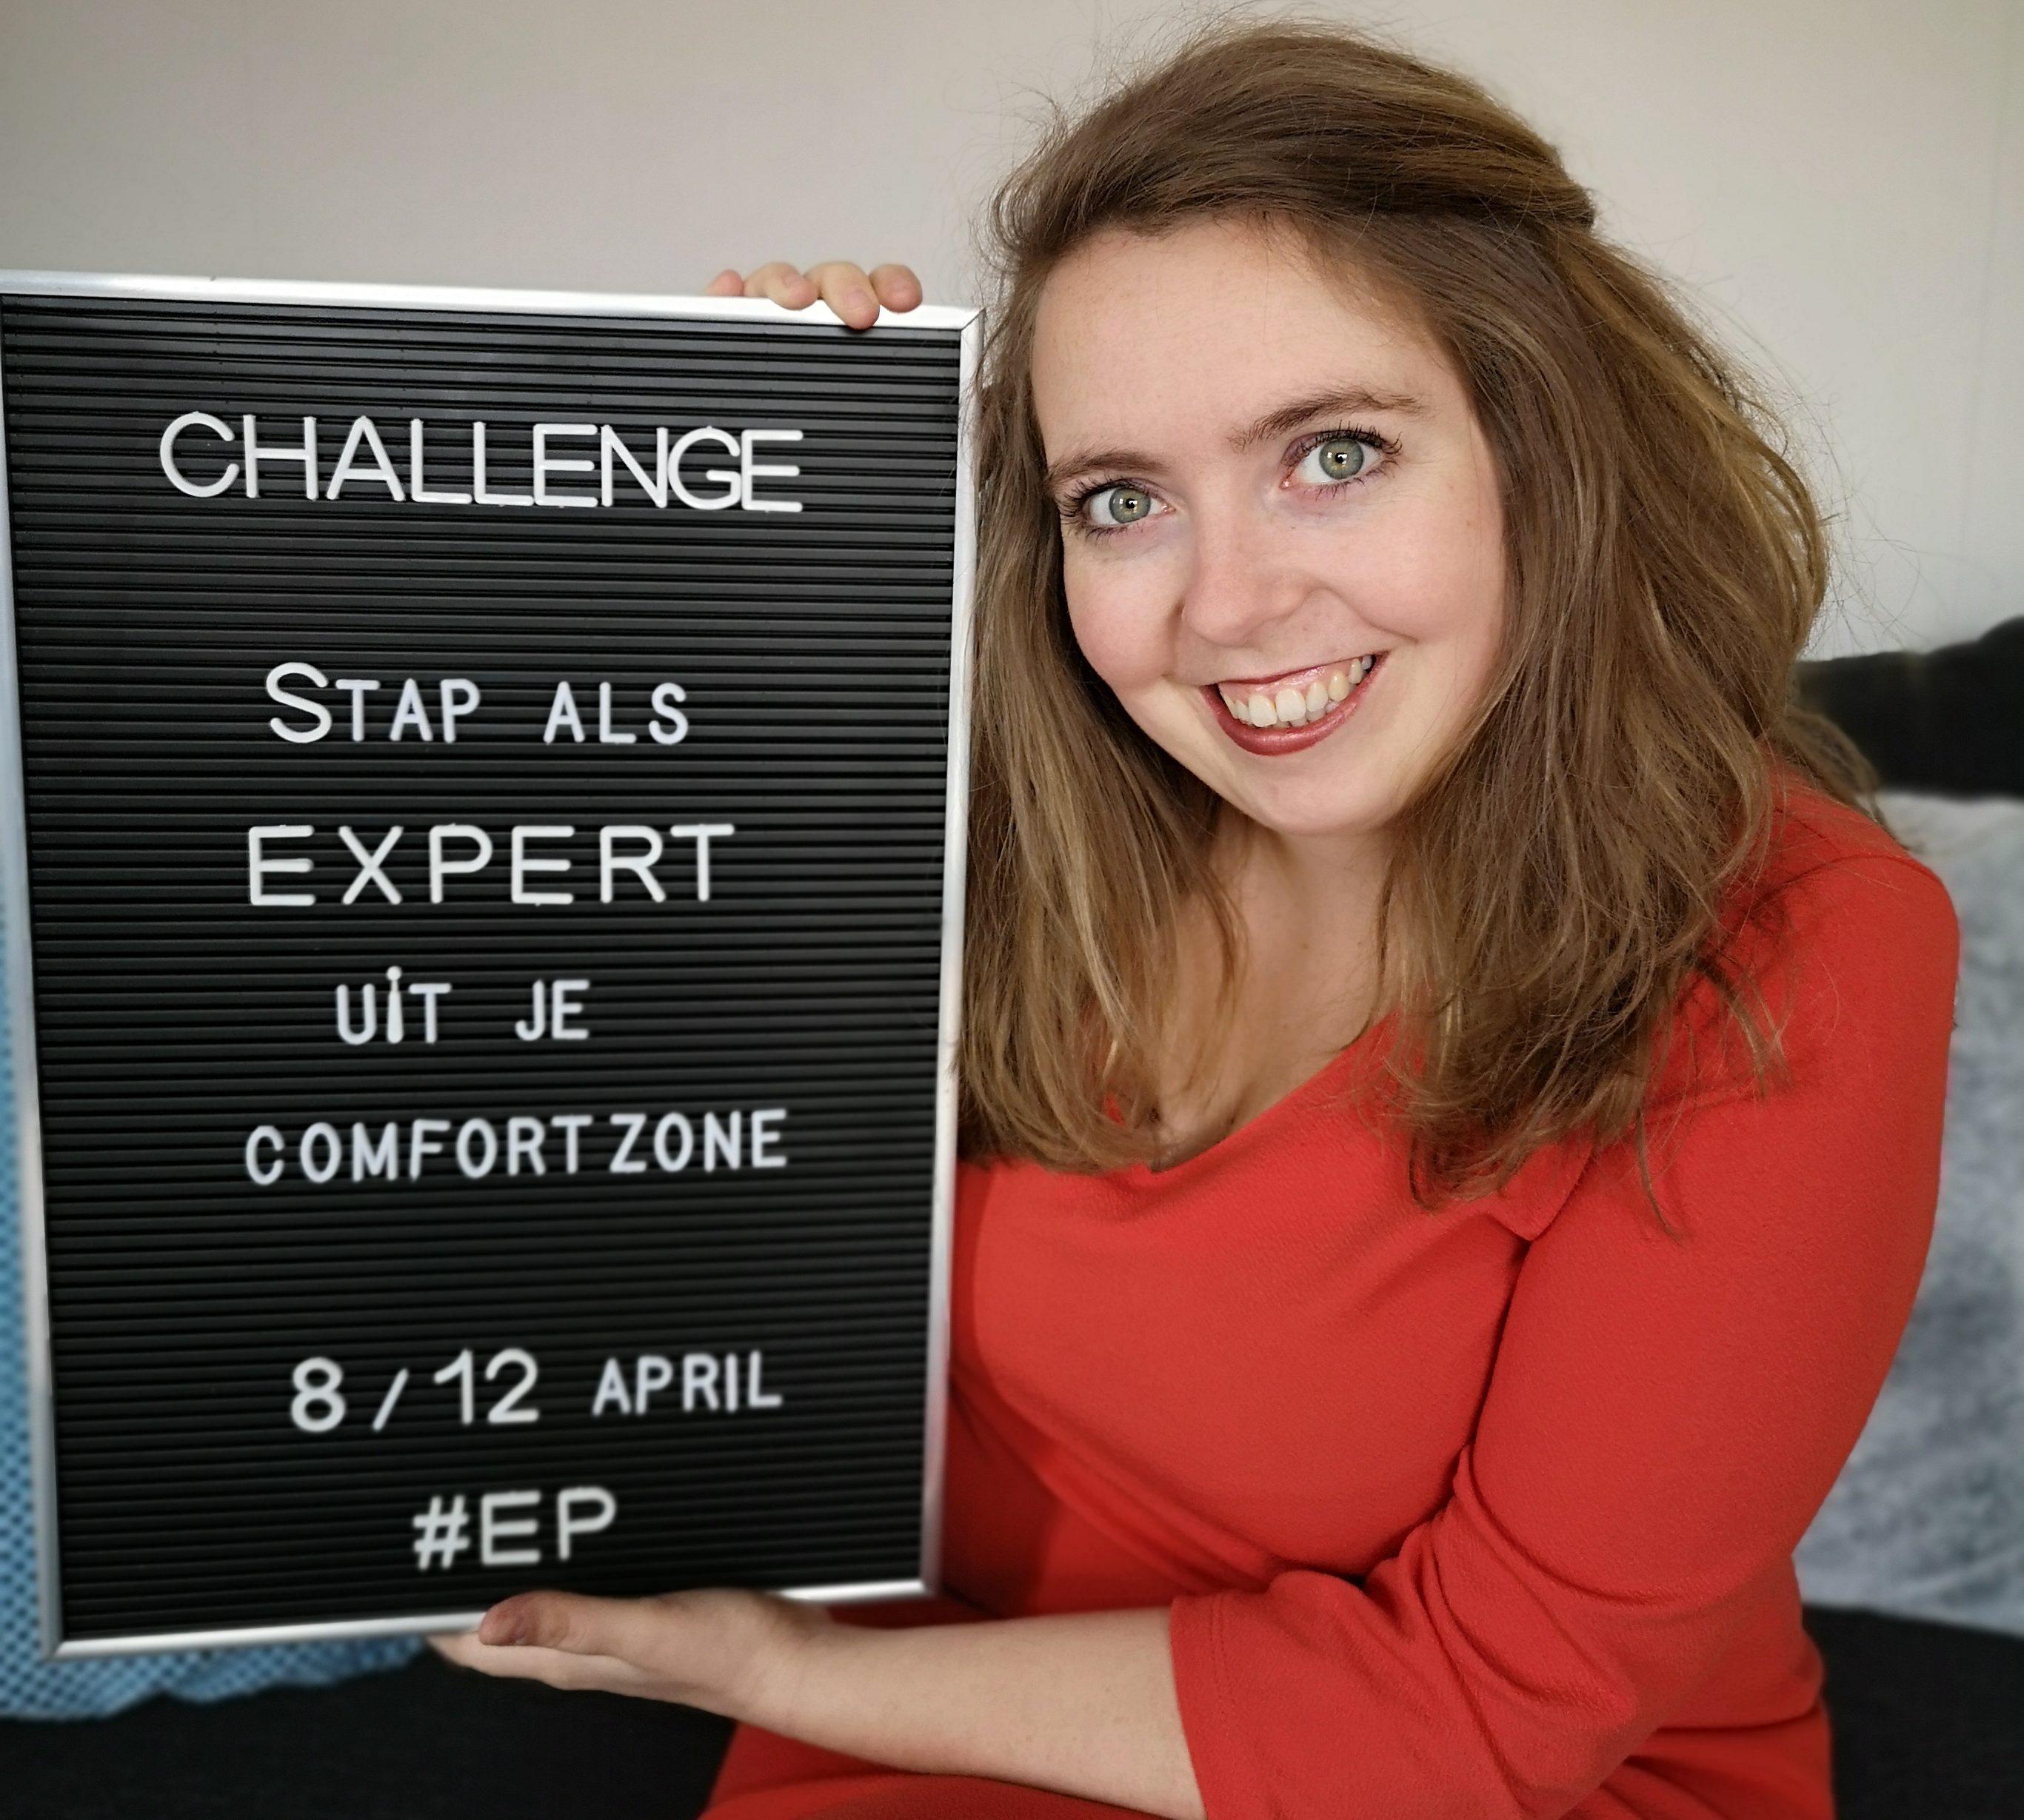 Challenge - Echt Presenteren